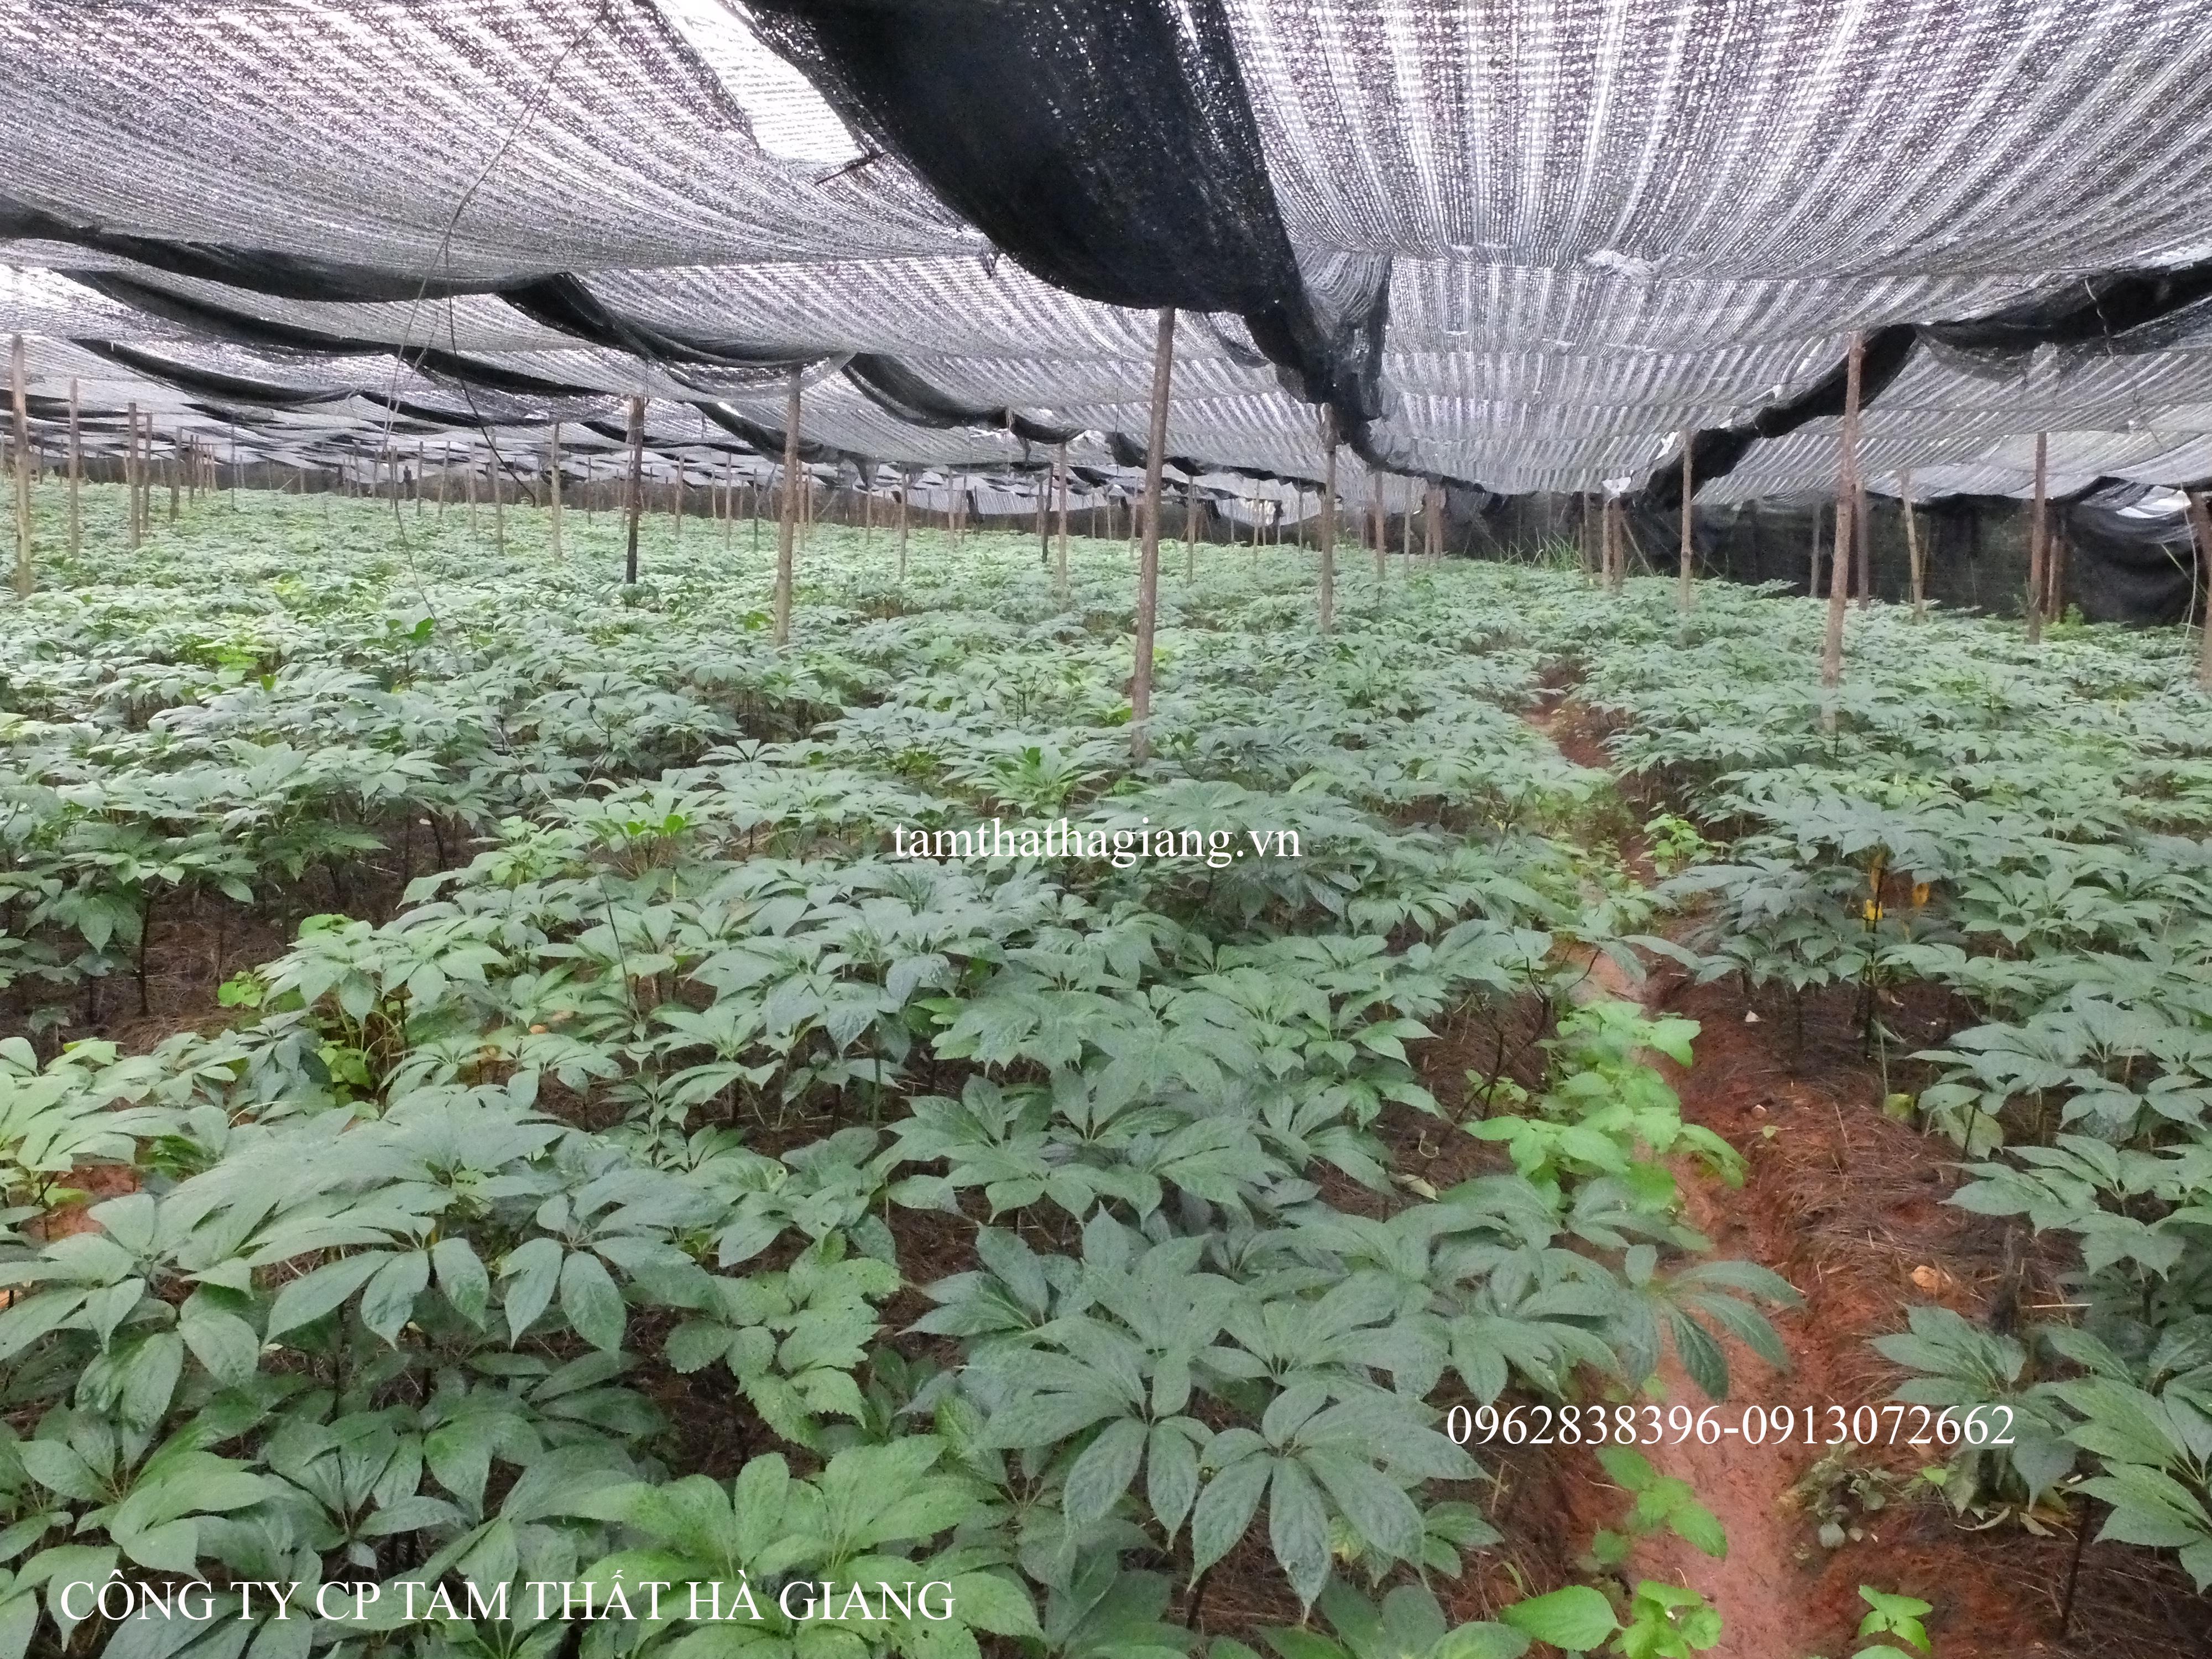 Tam thất xịn được trồng trong môi trường an toàn, chăm sóc đúng kỹ thuật.